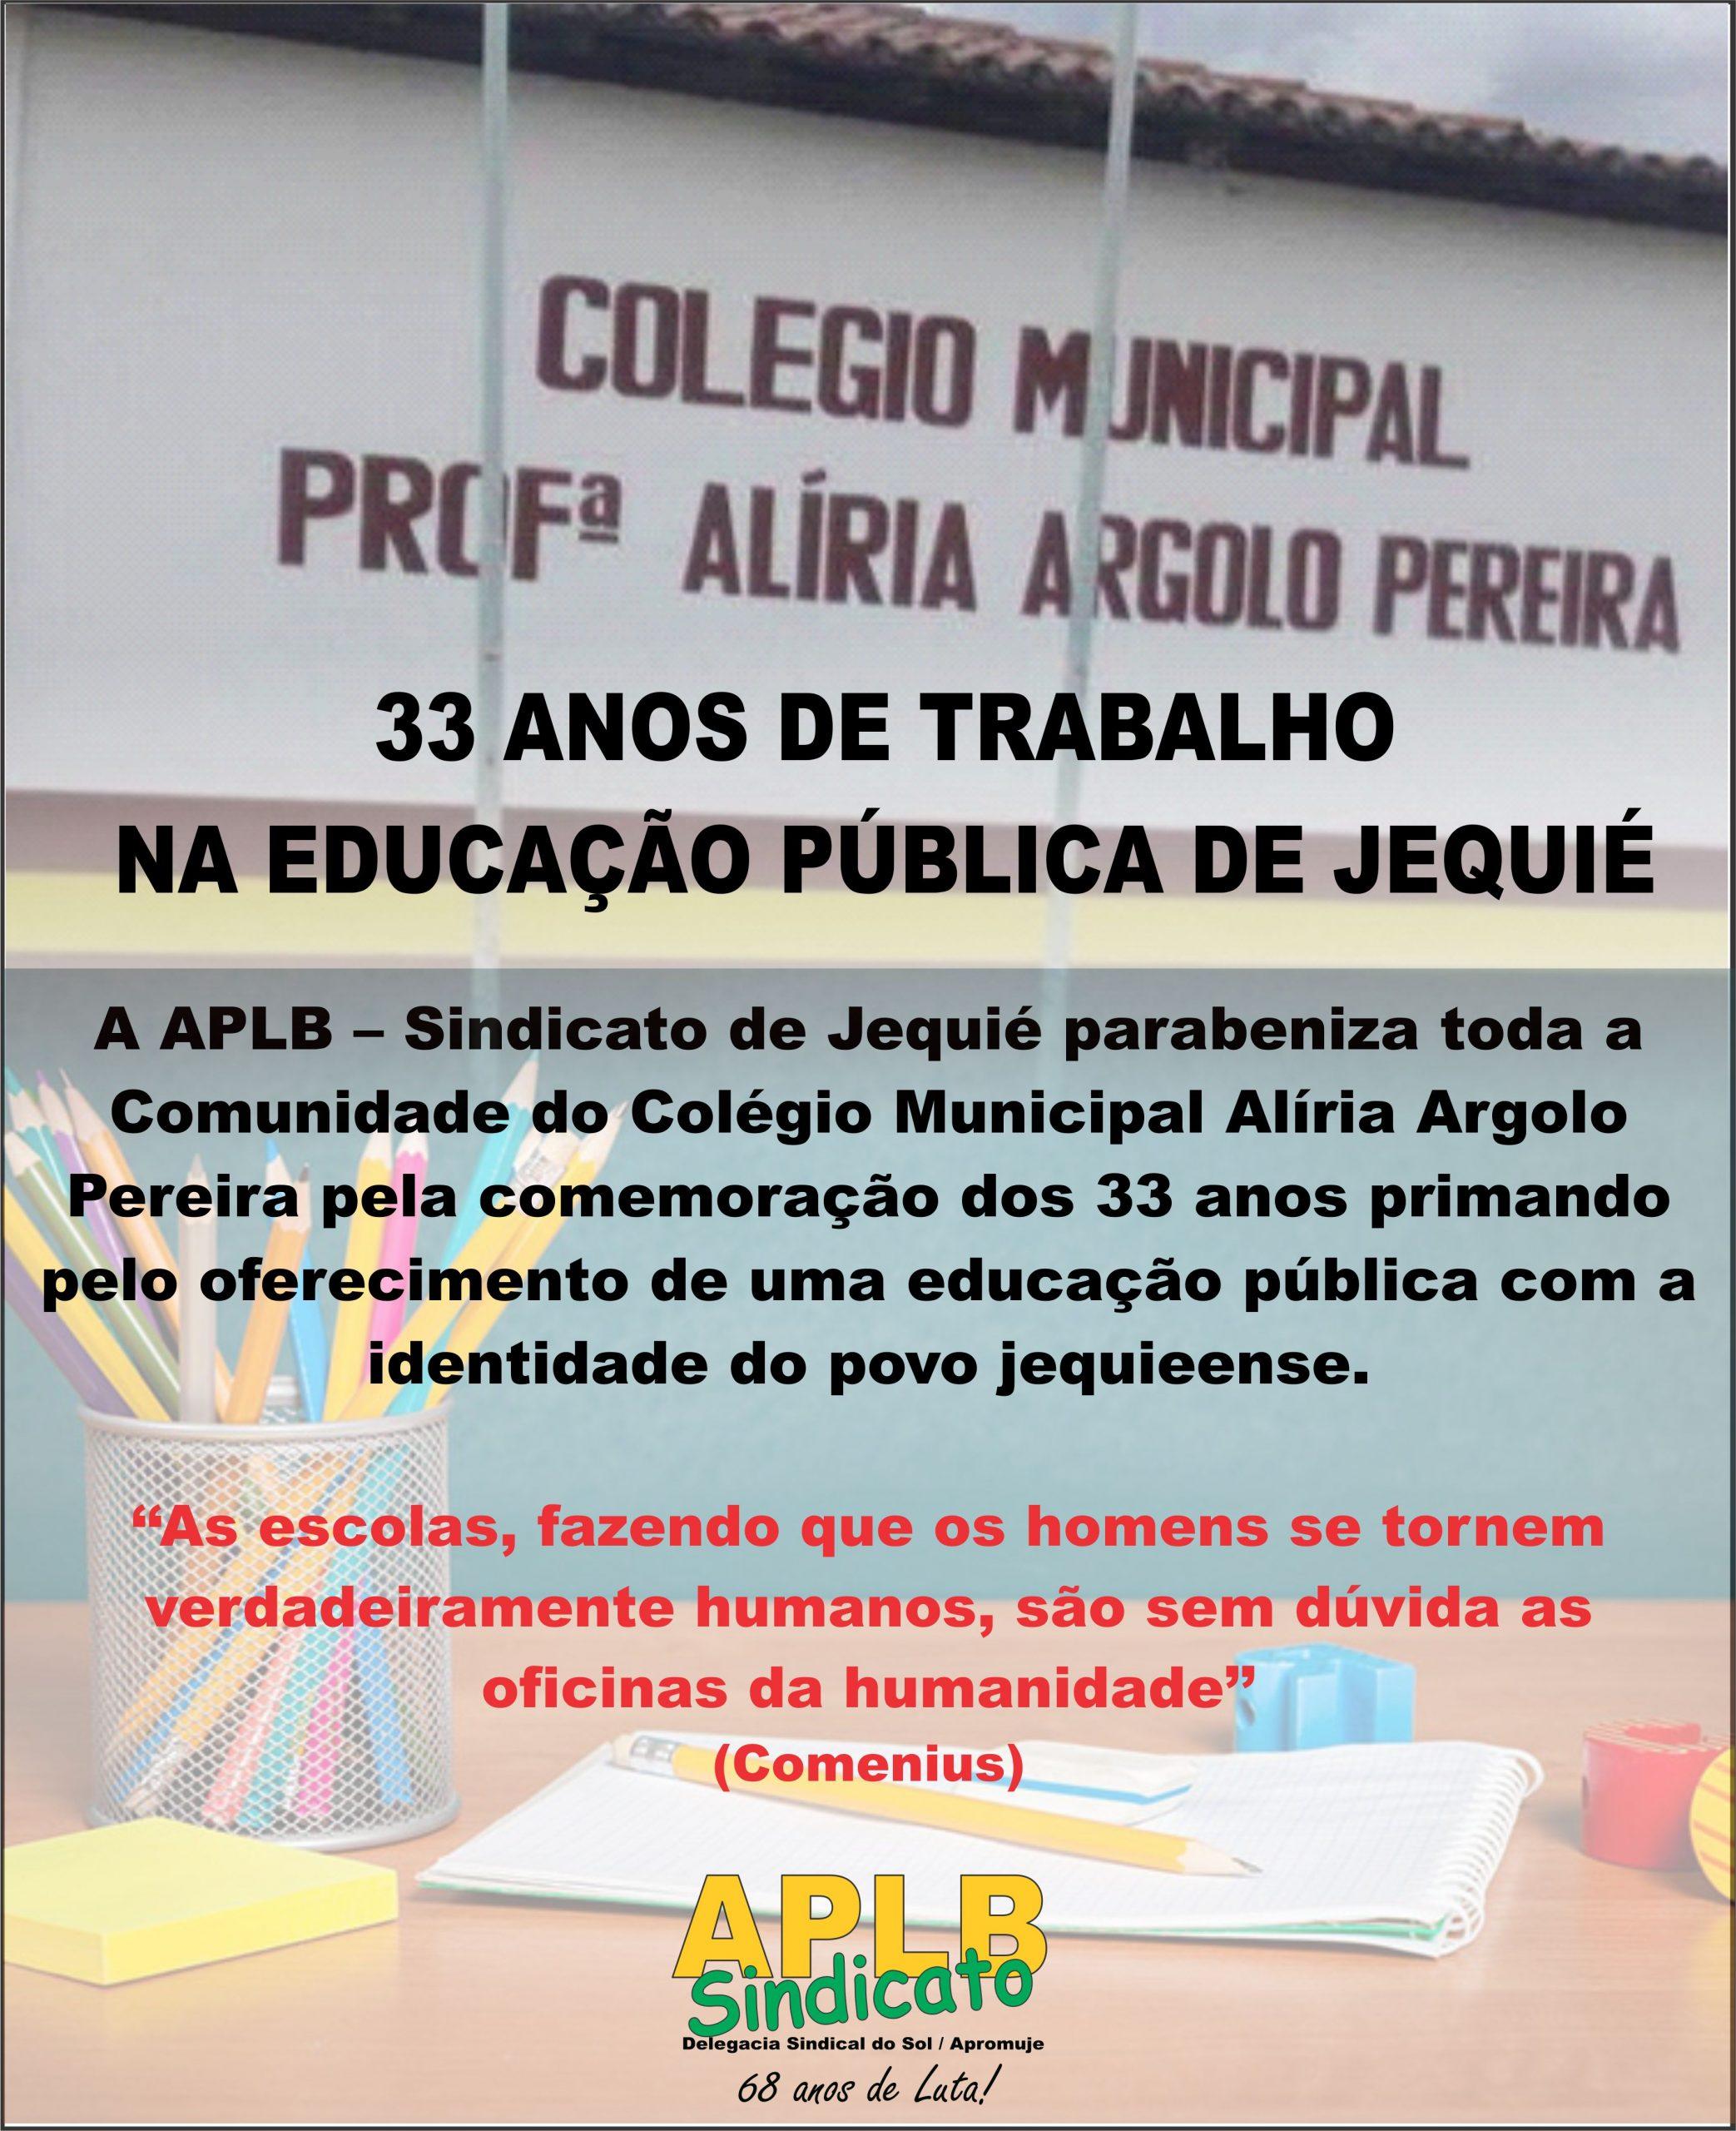 ALÍRIA ARGOLO, 33 ANOS DE TRABALHO NA EDUCAÇÃO PÚBLICA DE JEQUIÉ. PARABÉNS!